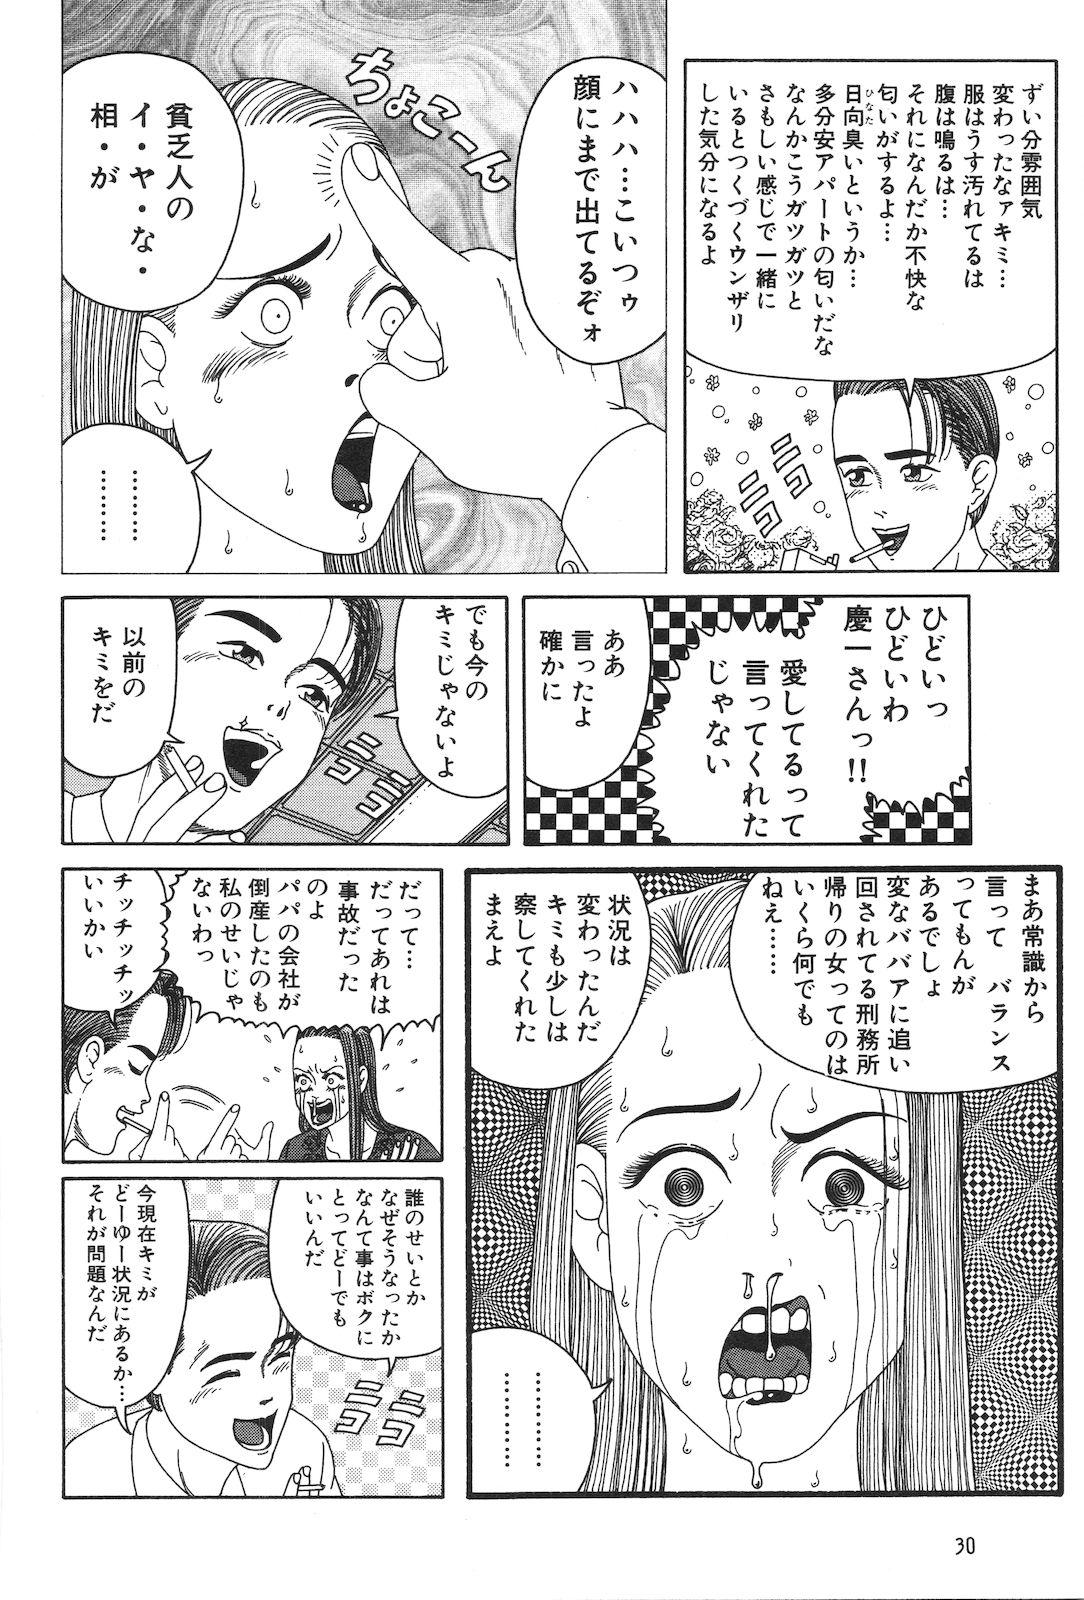 Dobusarai Gekijou 31